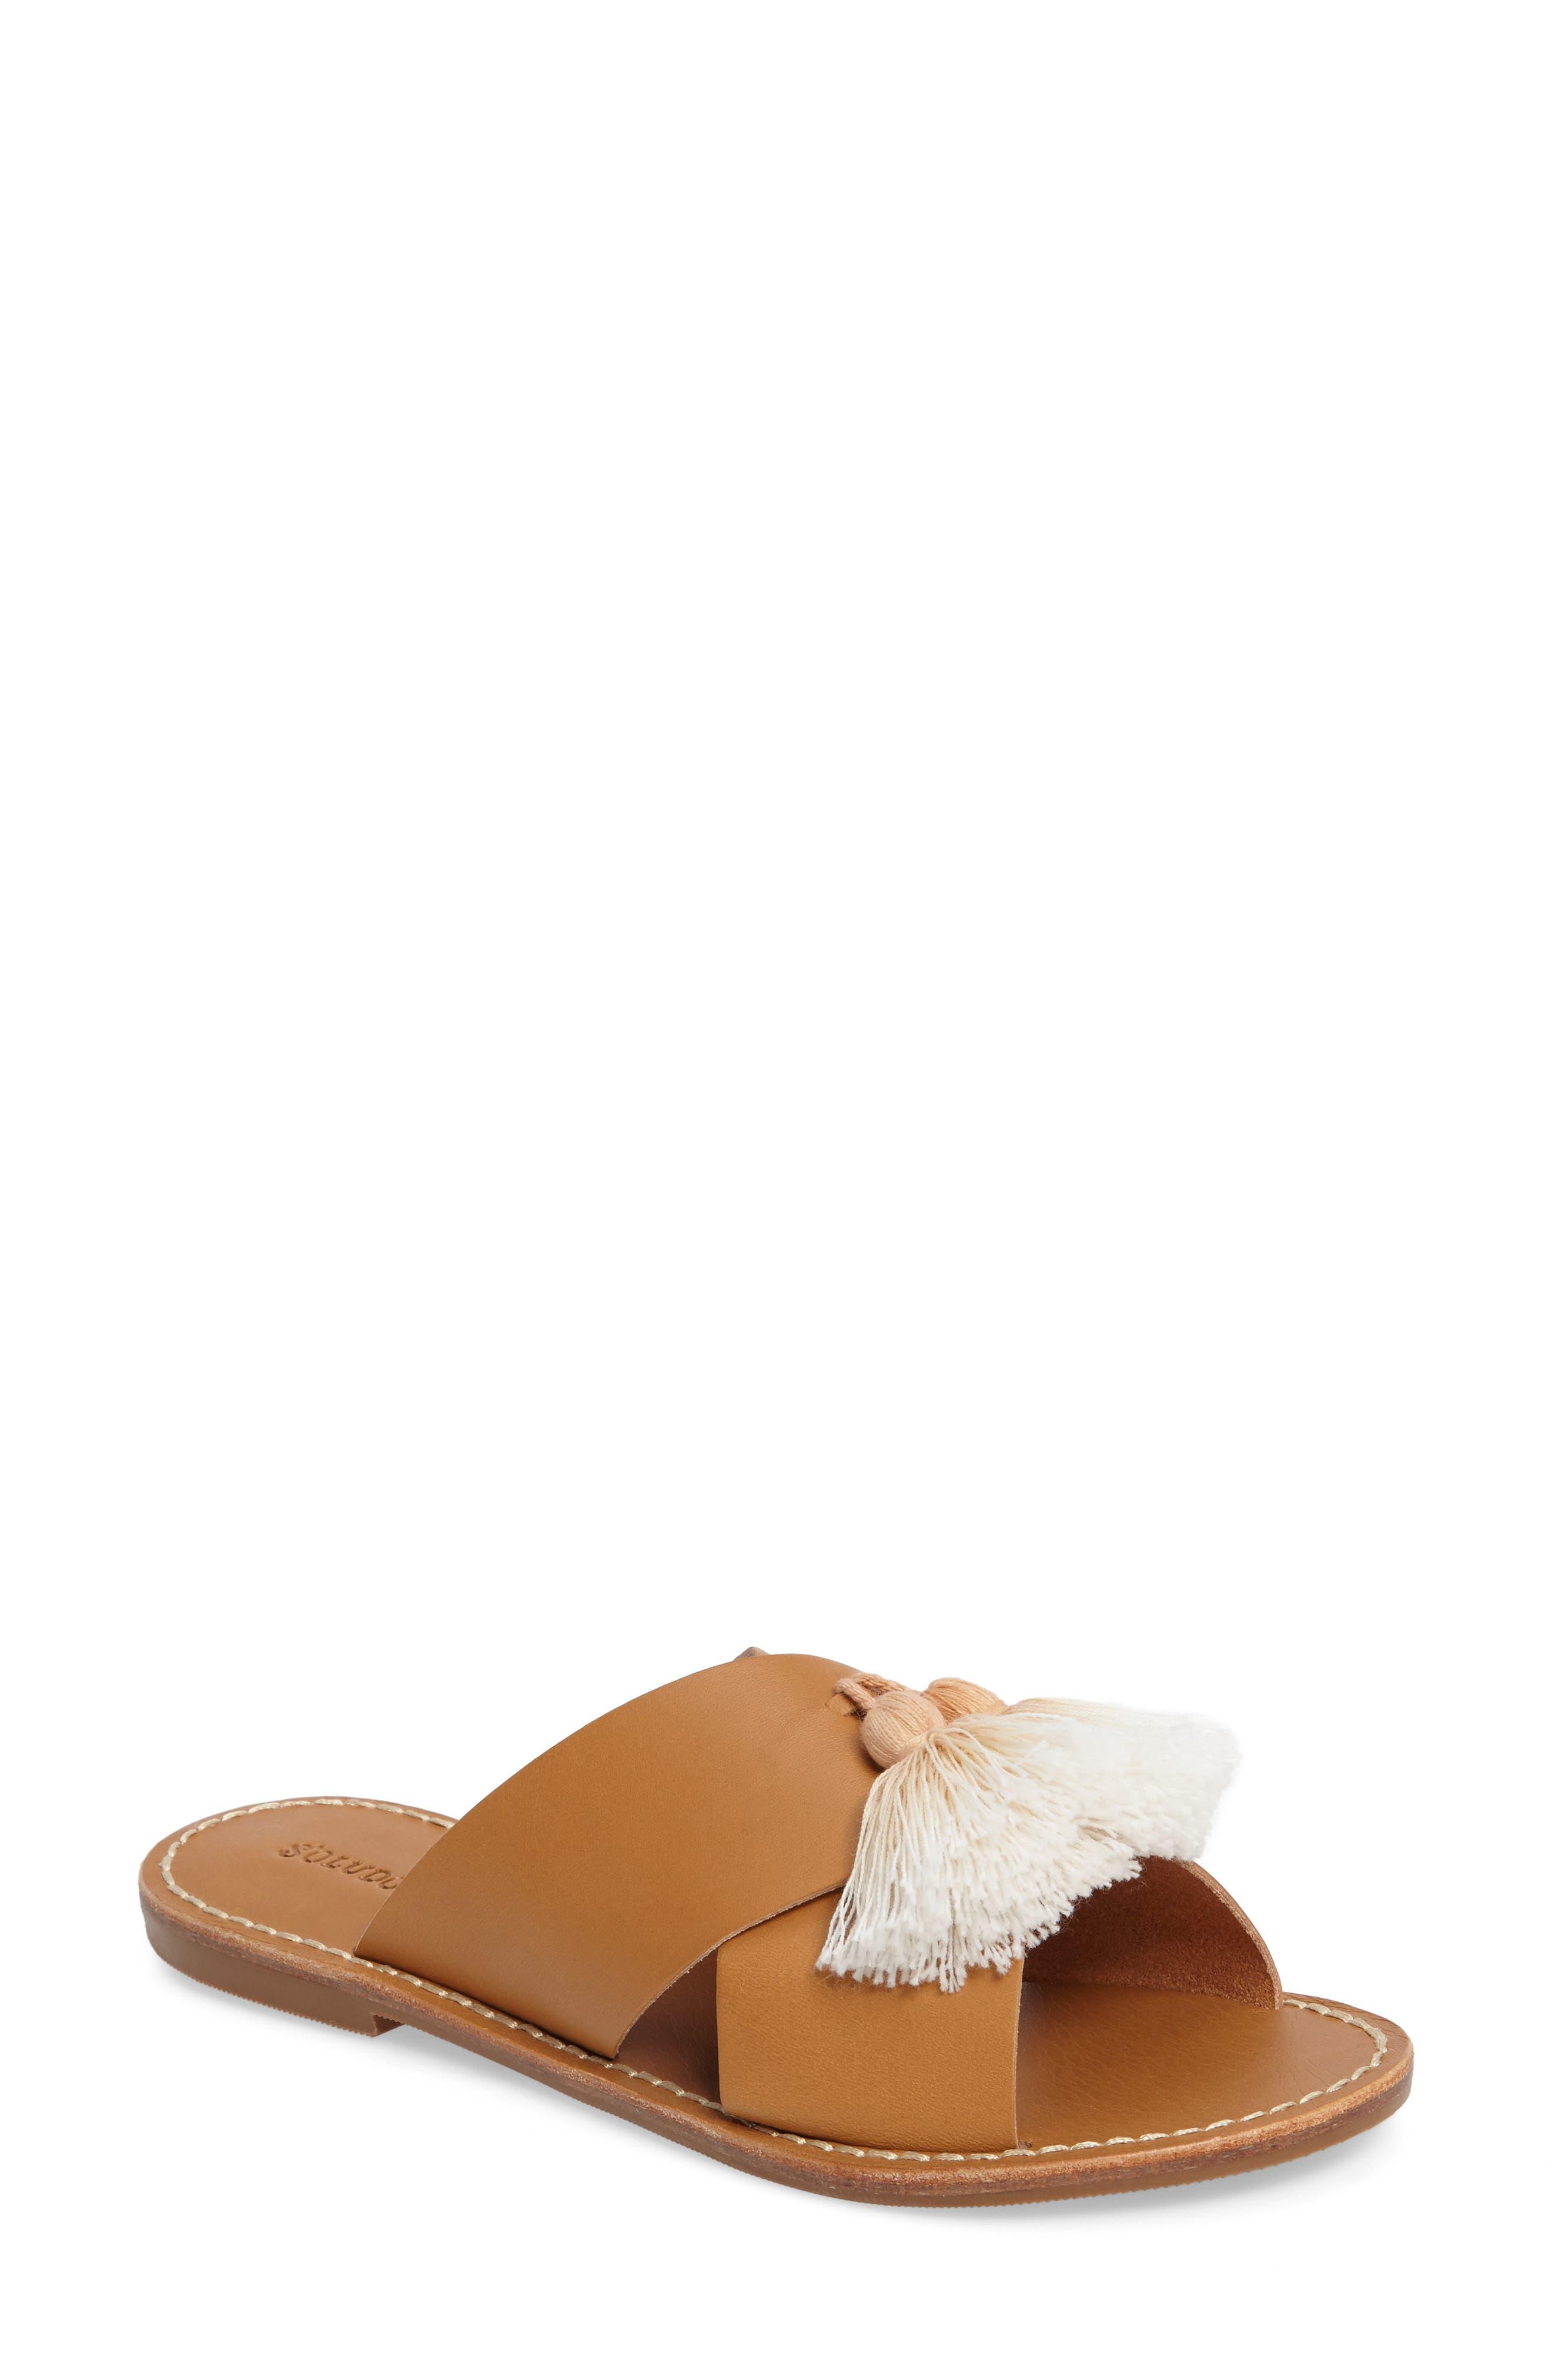 Tassel Slide Sandal,                         Main,                         color,